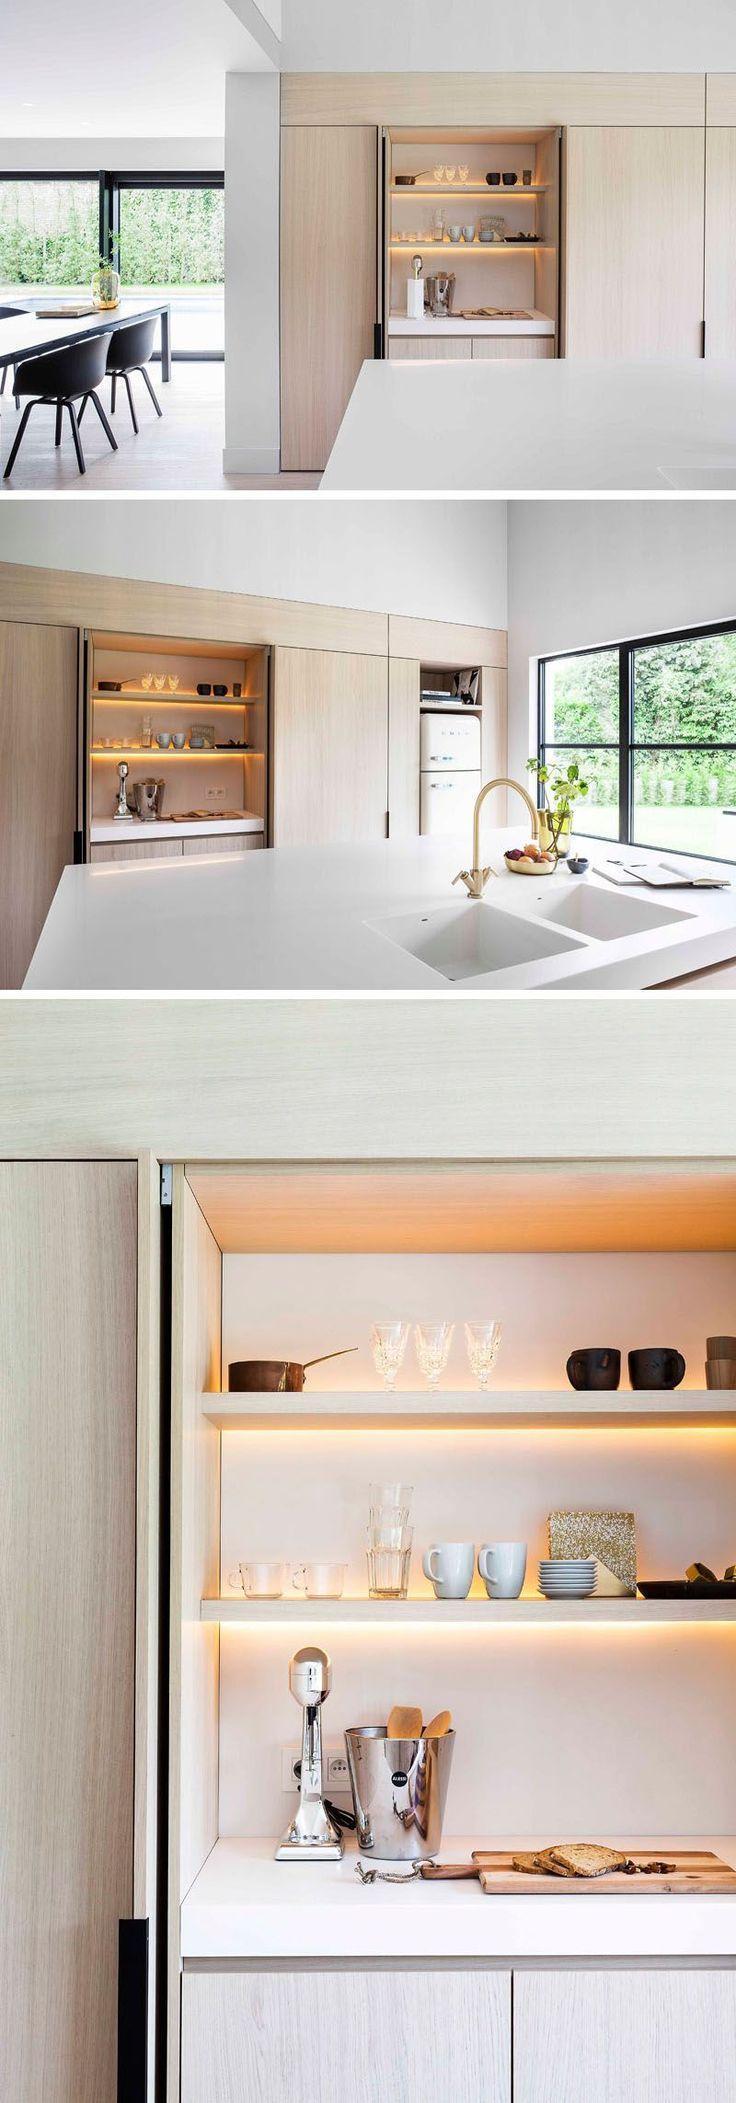 In Dieser Modernen Kuche Minimalistischen Schwarzen Schrank Hardware Al Lampen Diy Modern Kitchen Lighting Contemporary Kitchen Design Modern Kitchen Design